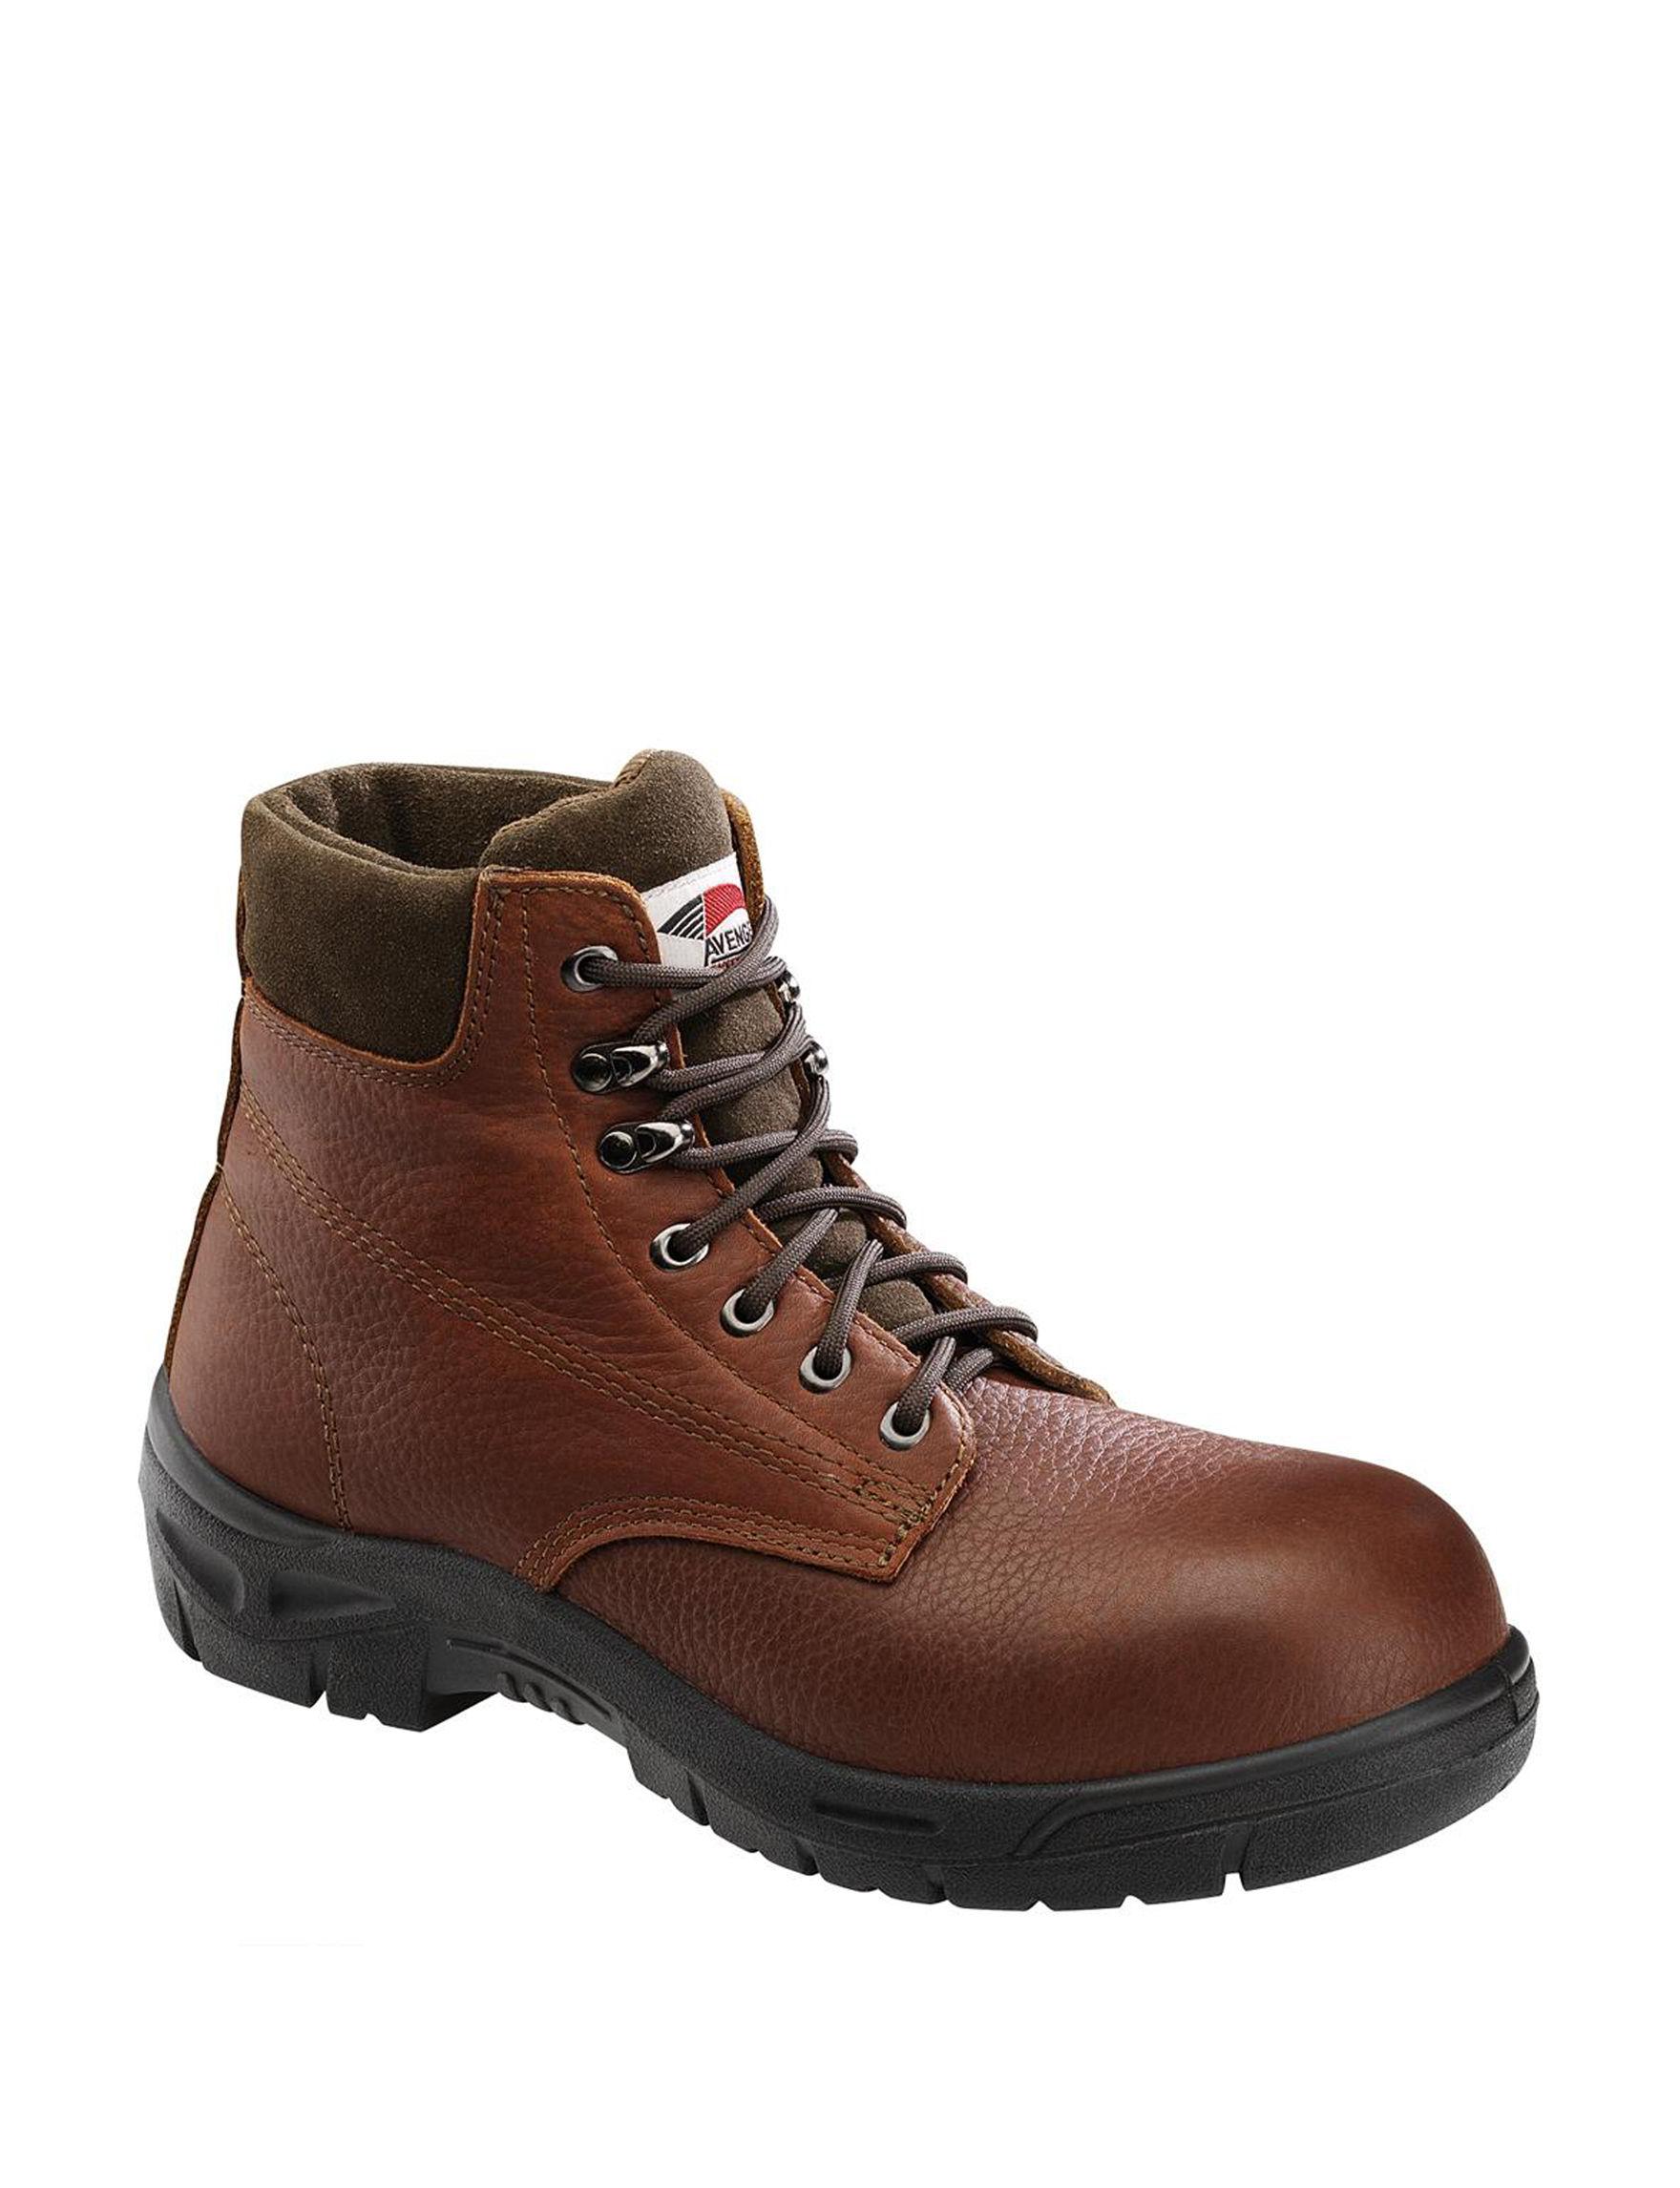 Avenger Brown Winter Boots